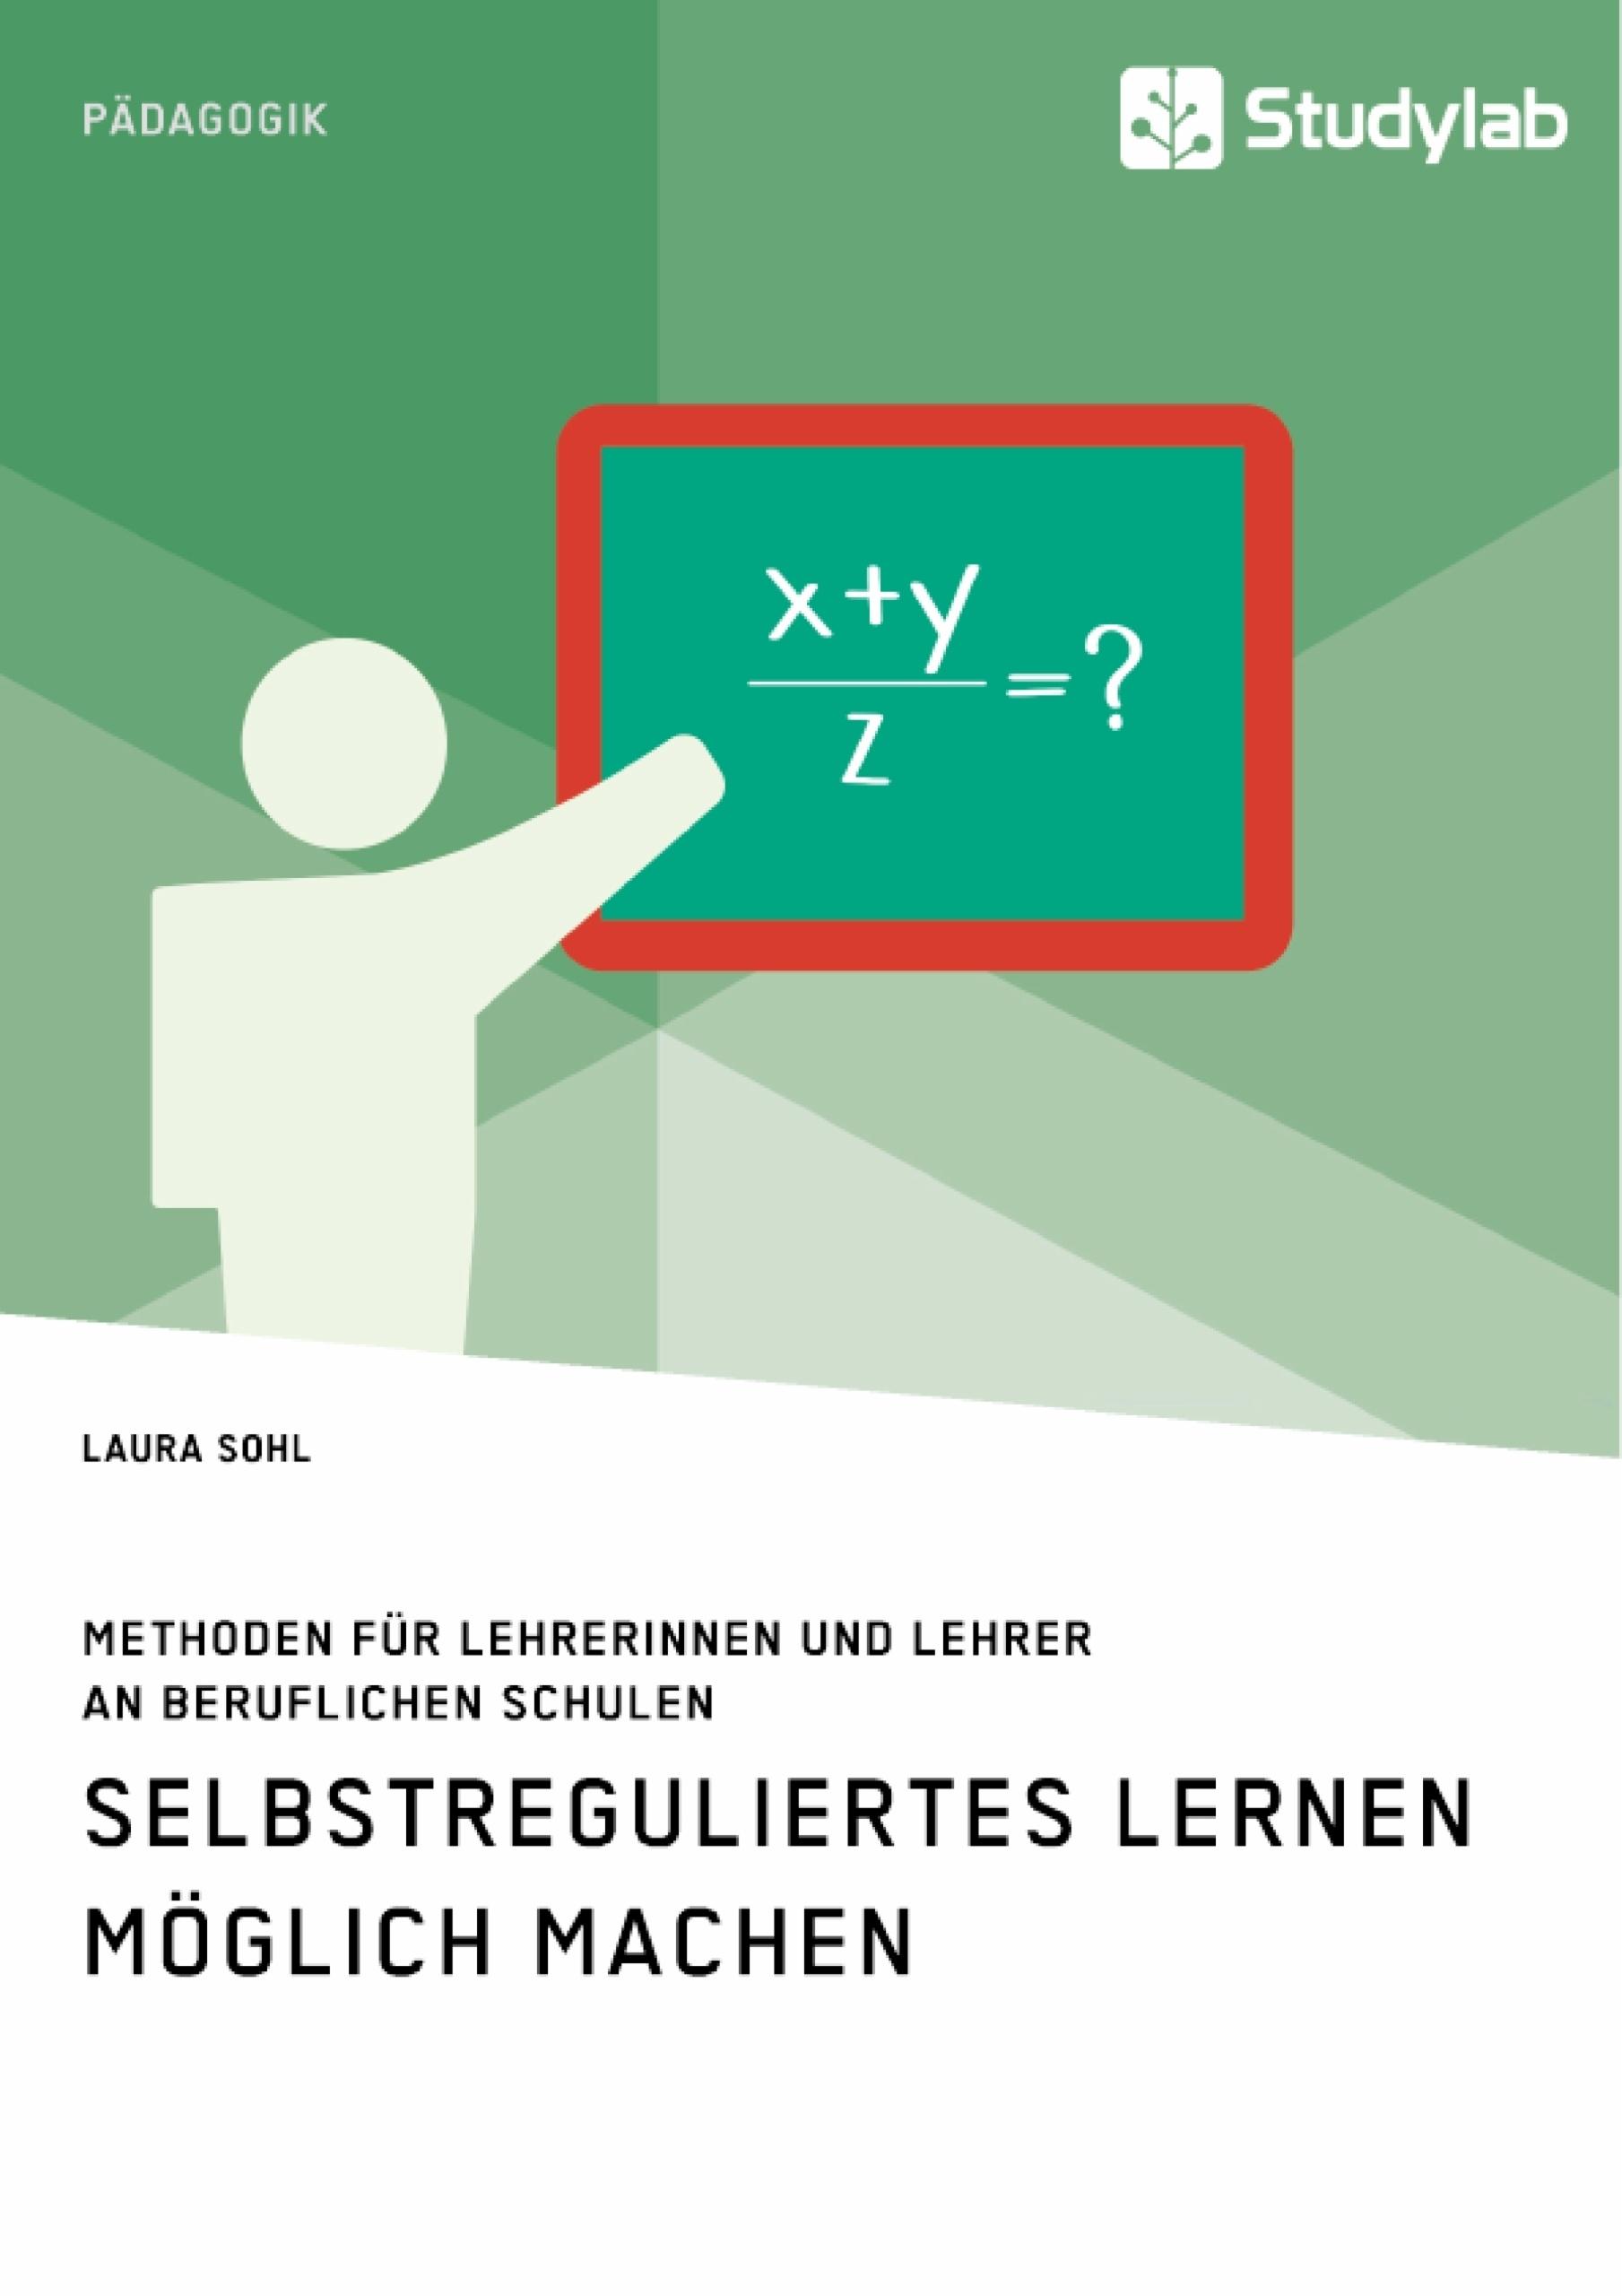 Titel: Selbstreguliertes Lernen möglich machen. Methoden für Lehrerinnen und Lehrer an beruflichen Schulen